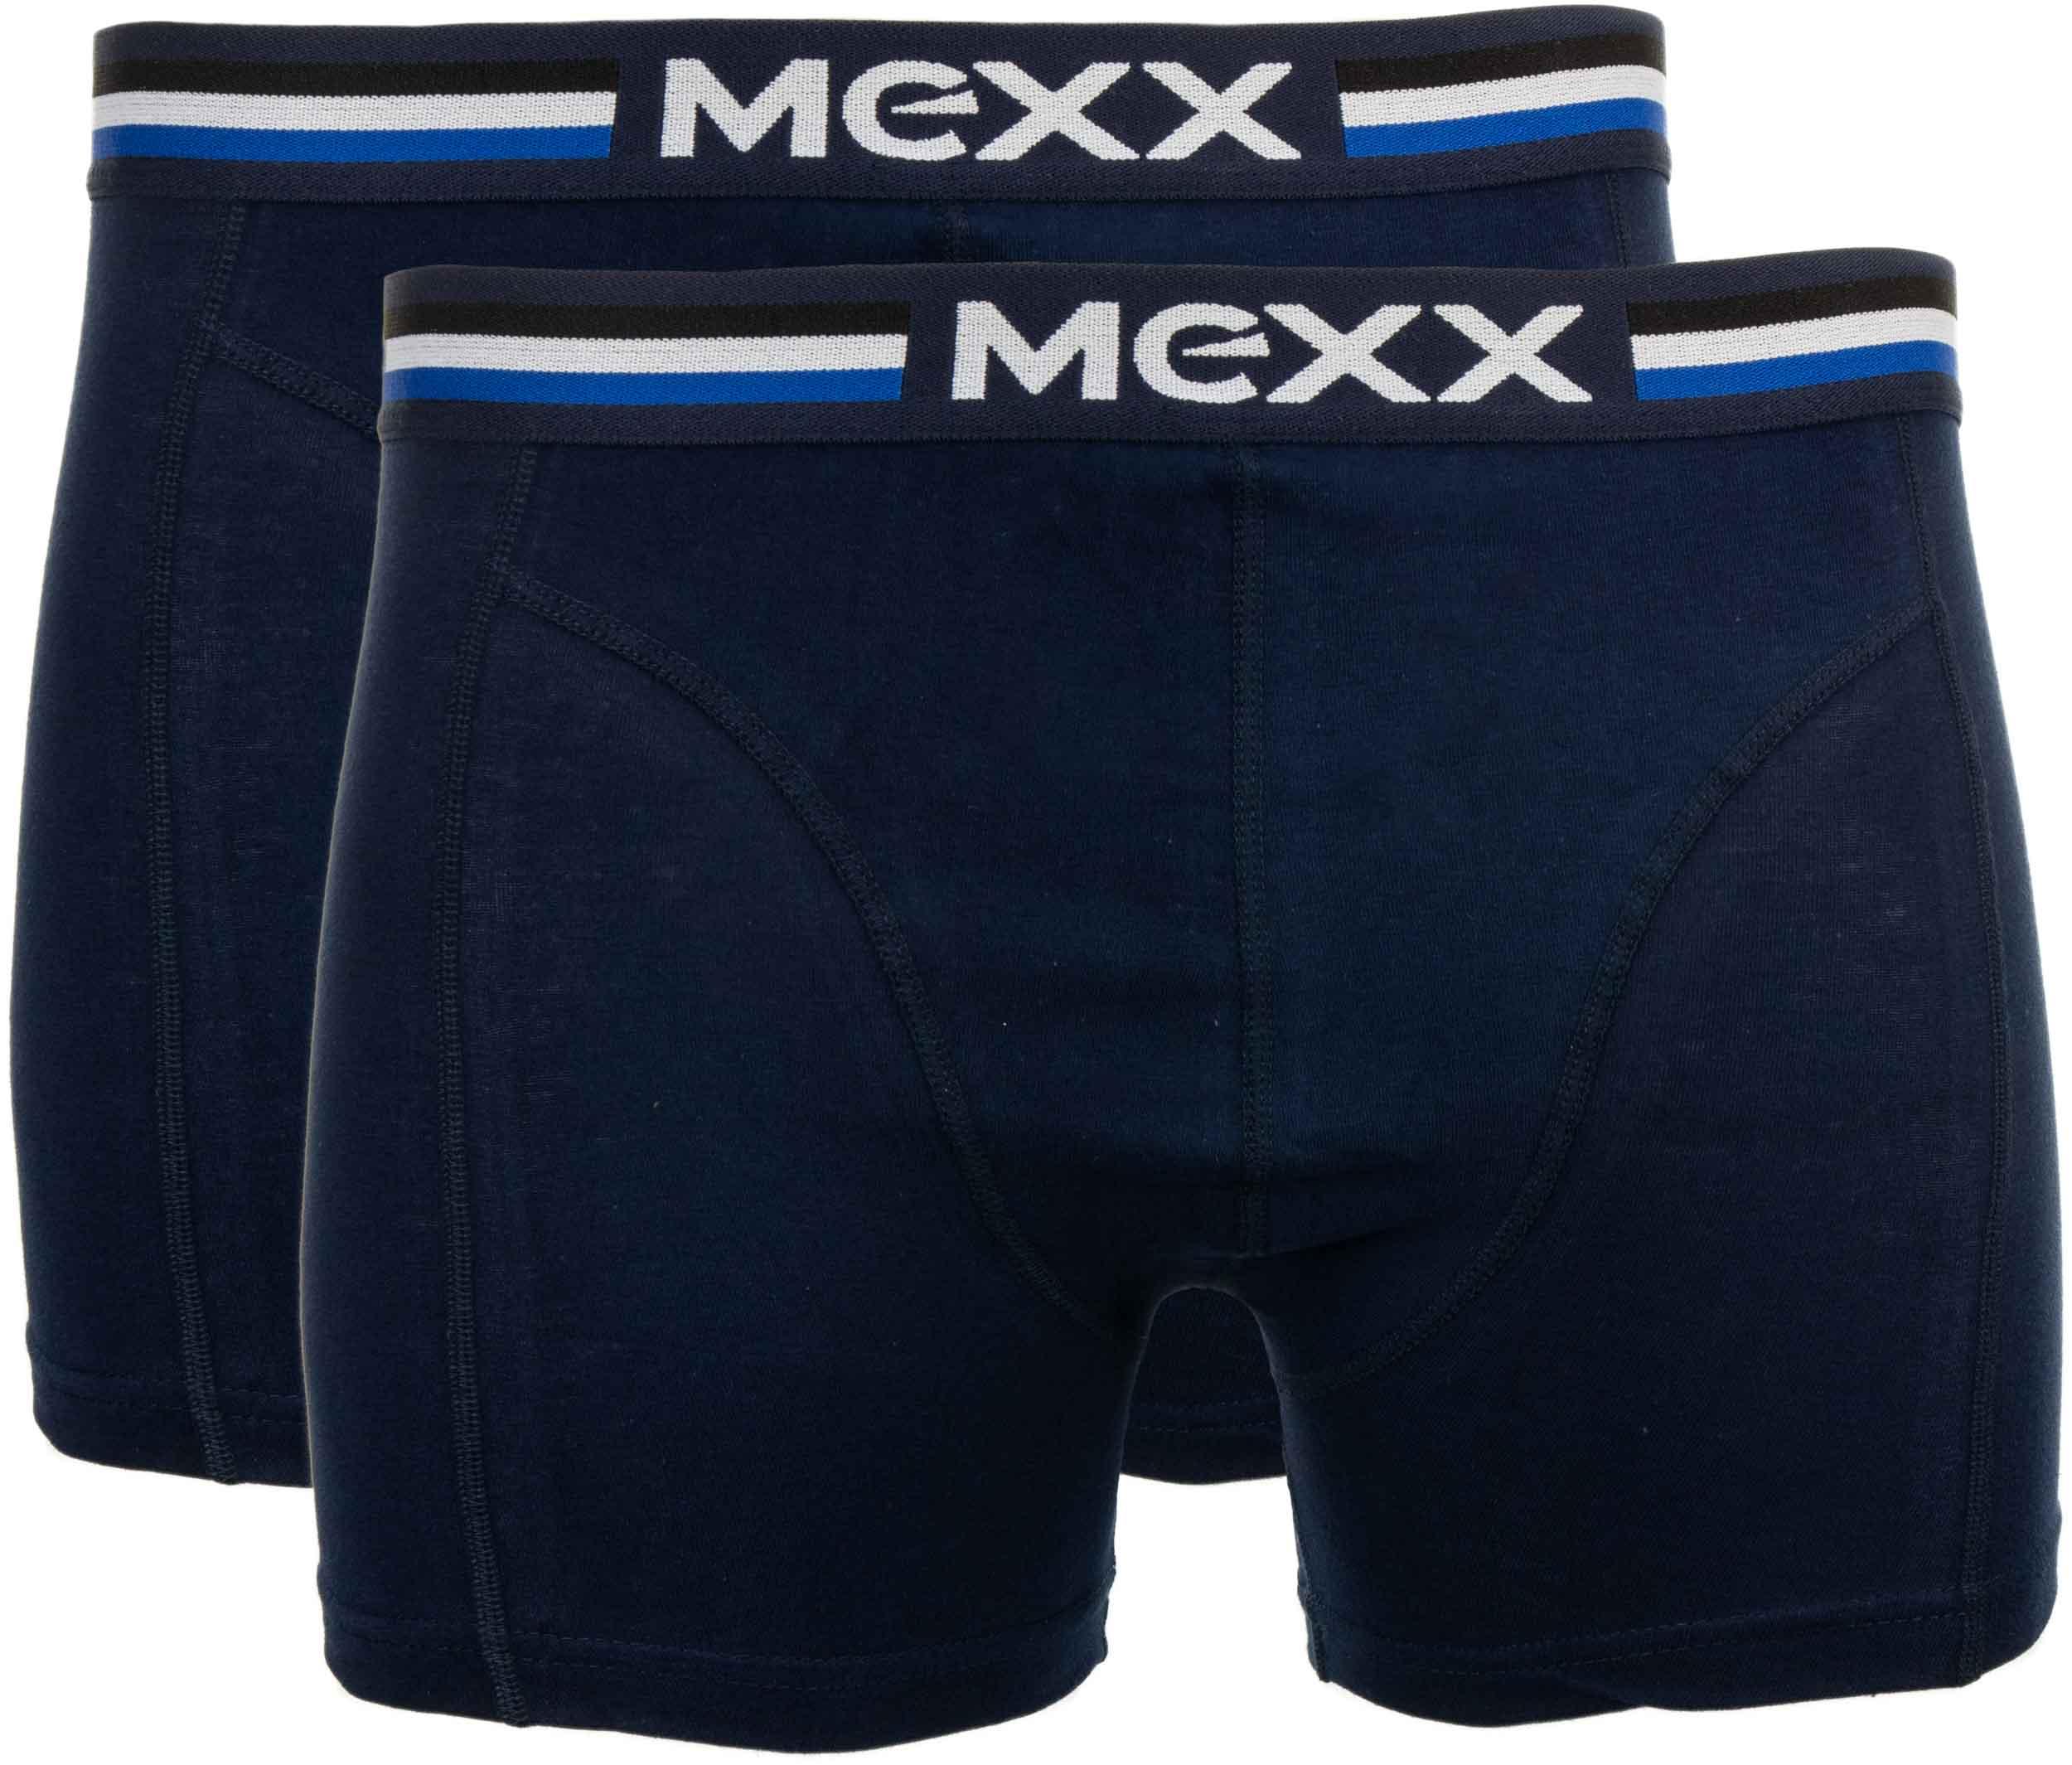 Pánské boxerky Mexx 2P navy reguler